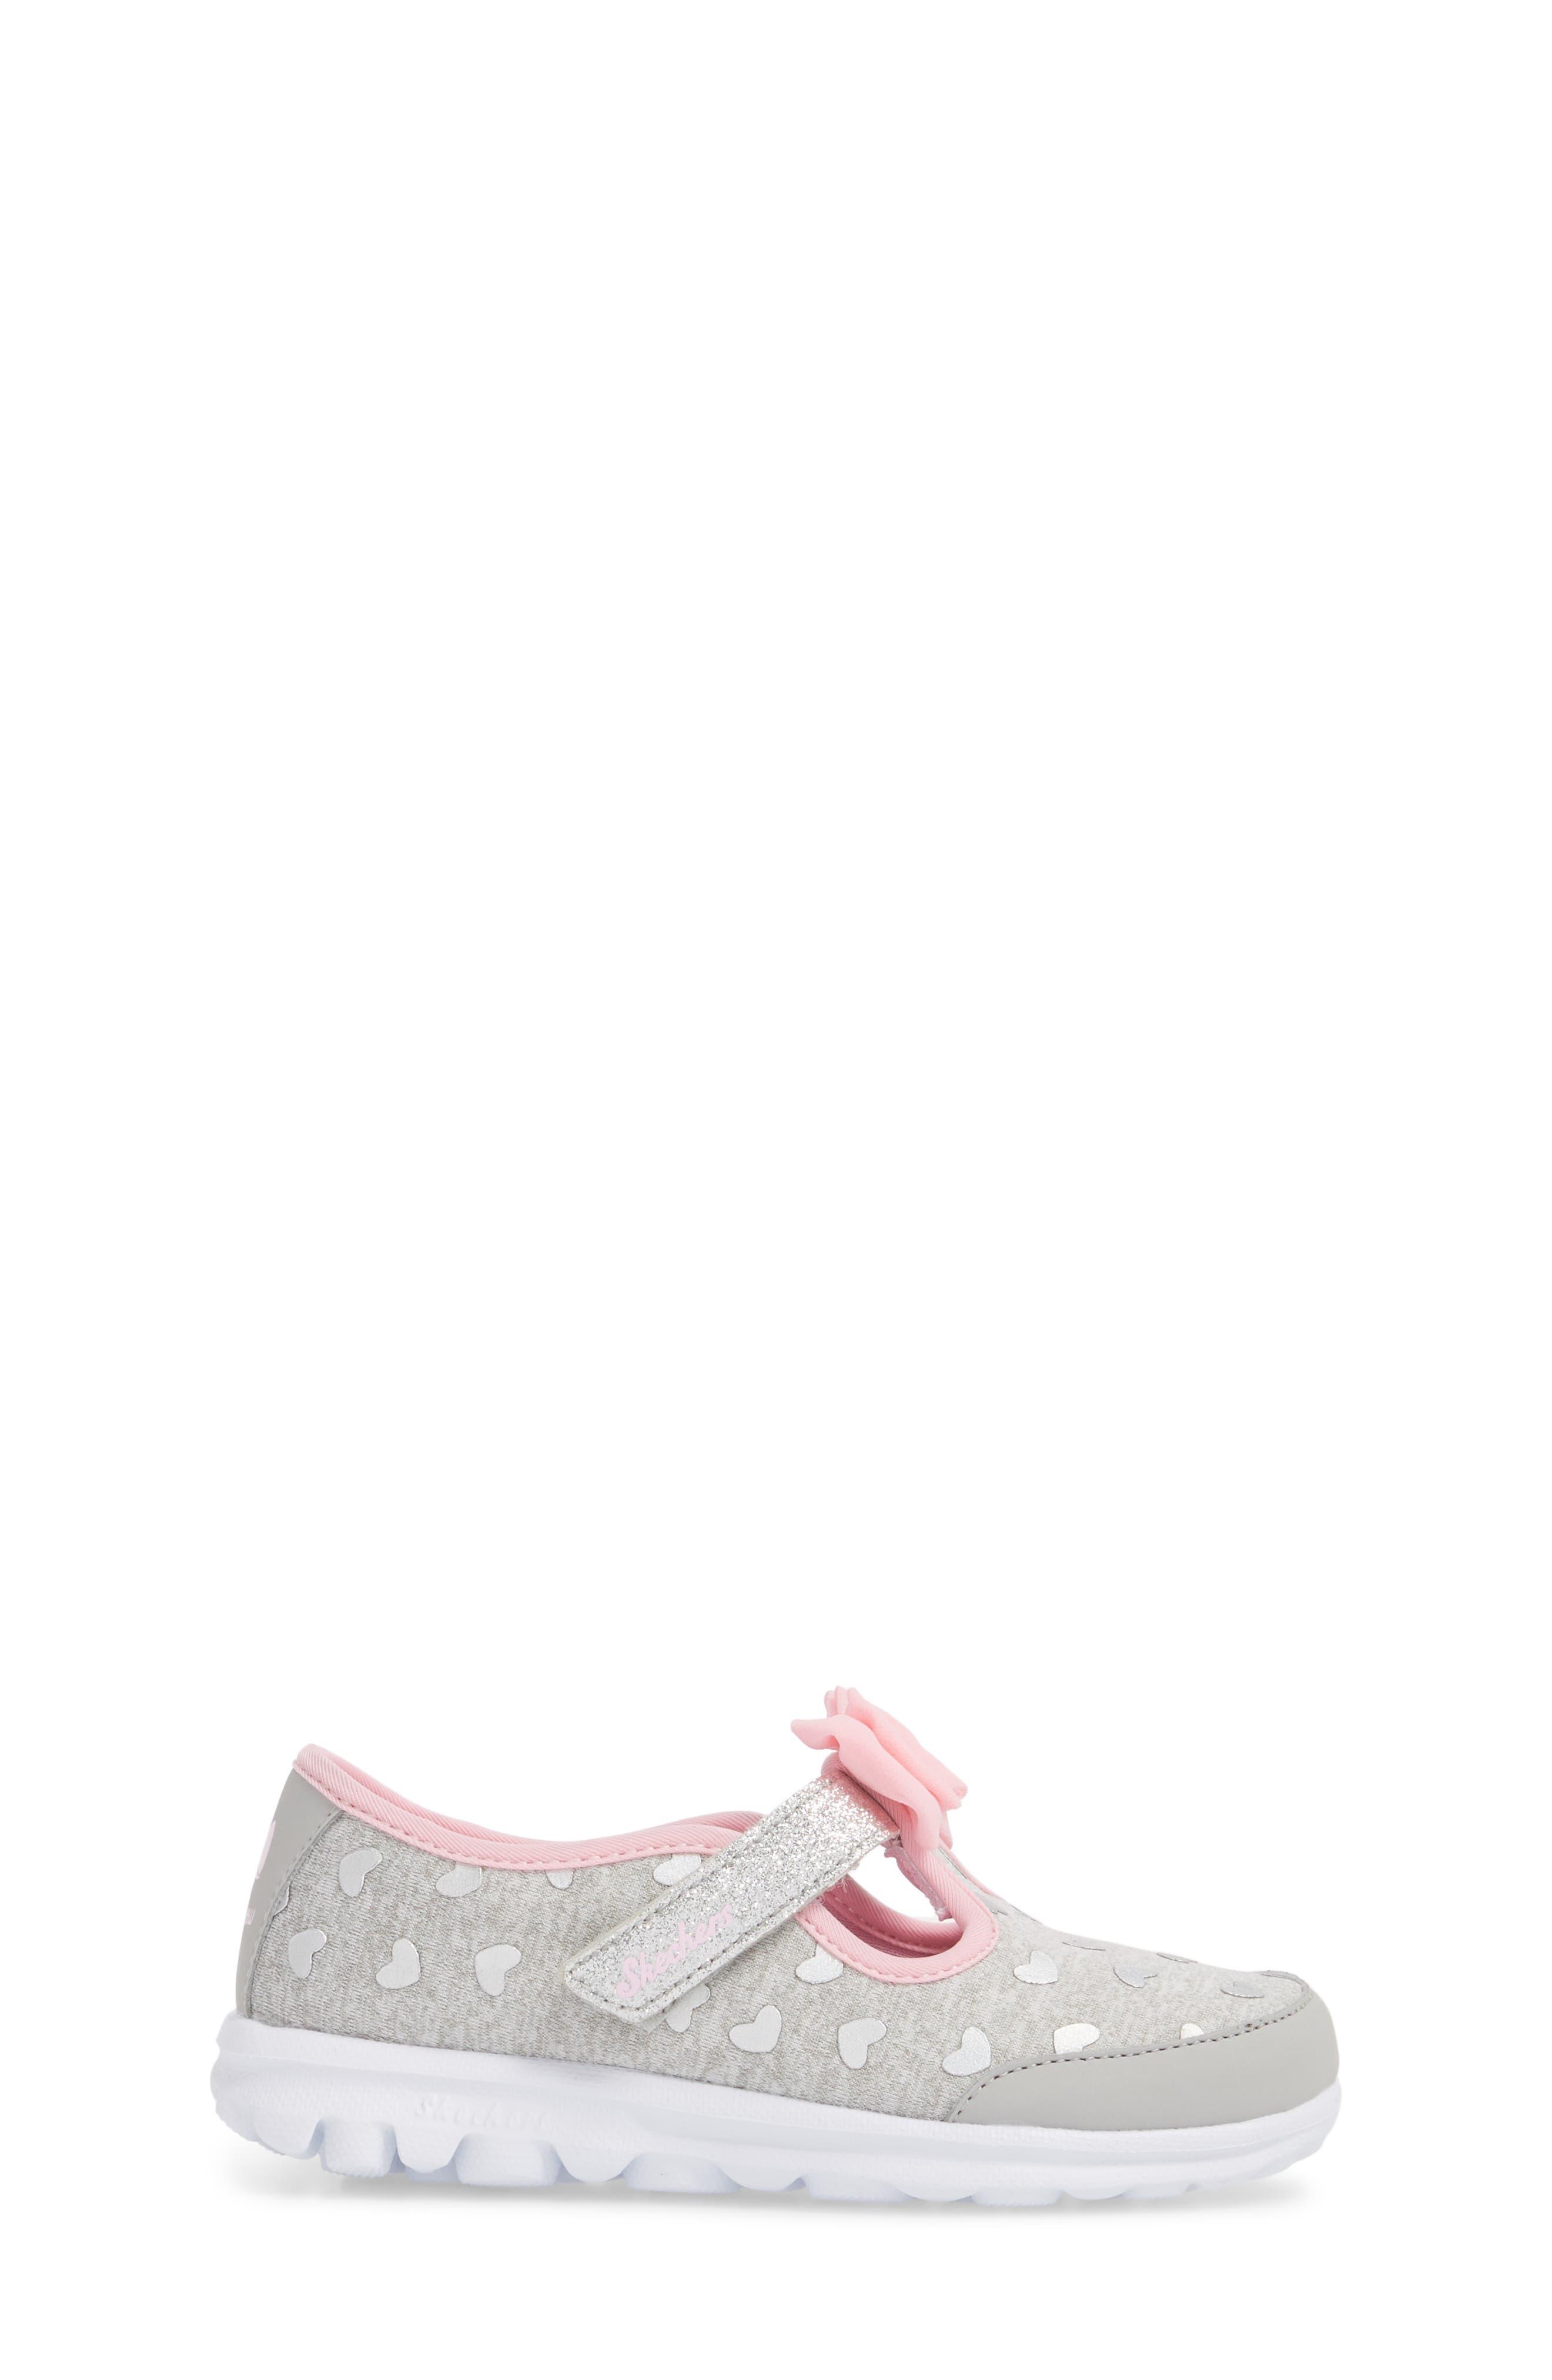 Go Walk Slip-On Sneaker,                             Alternate thumbnail 3, color,                             020